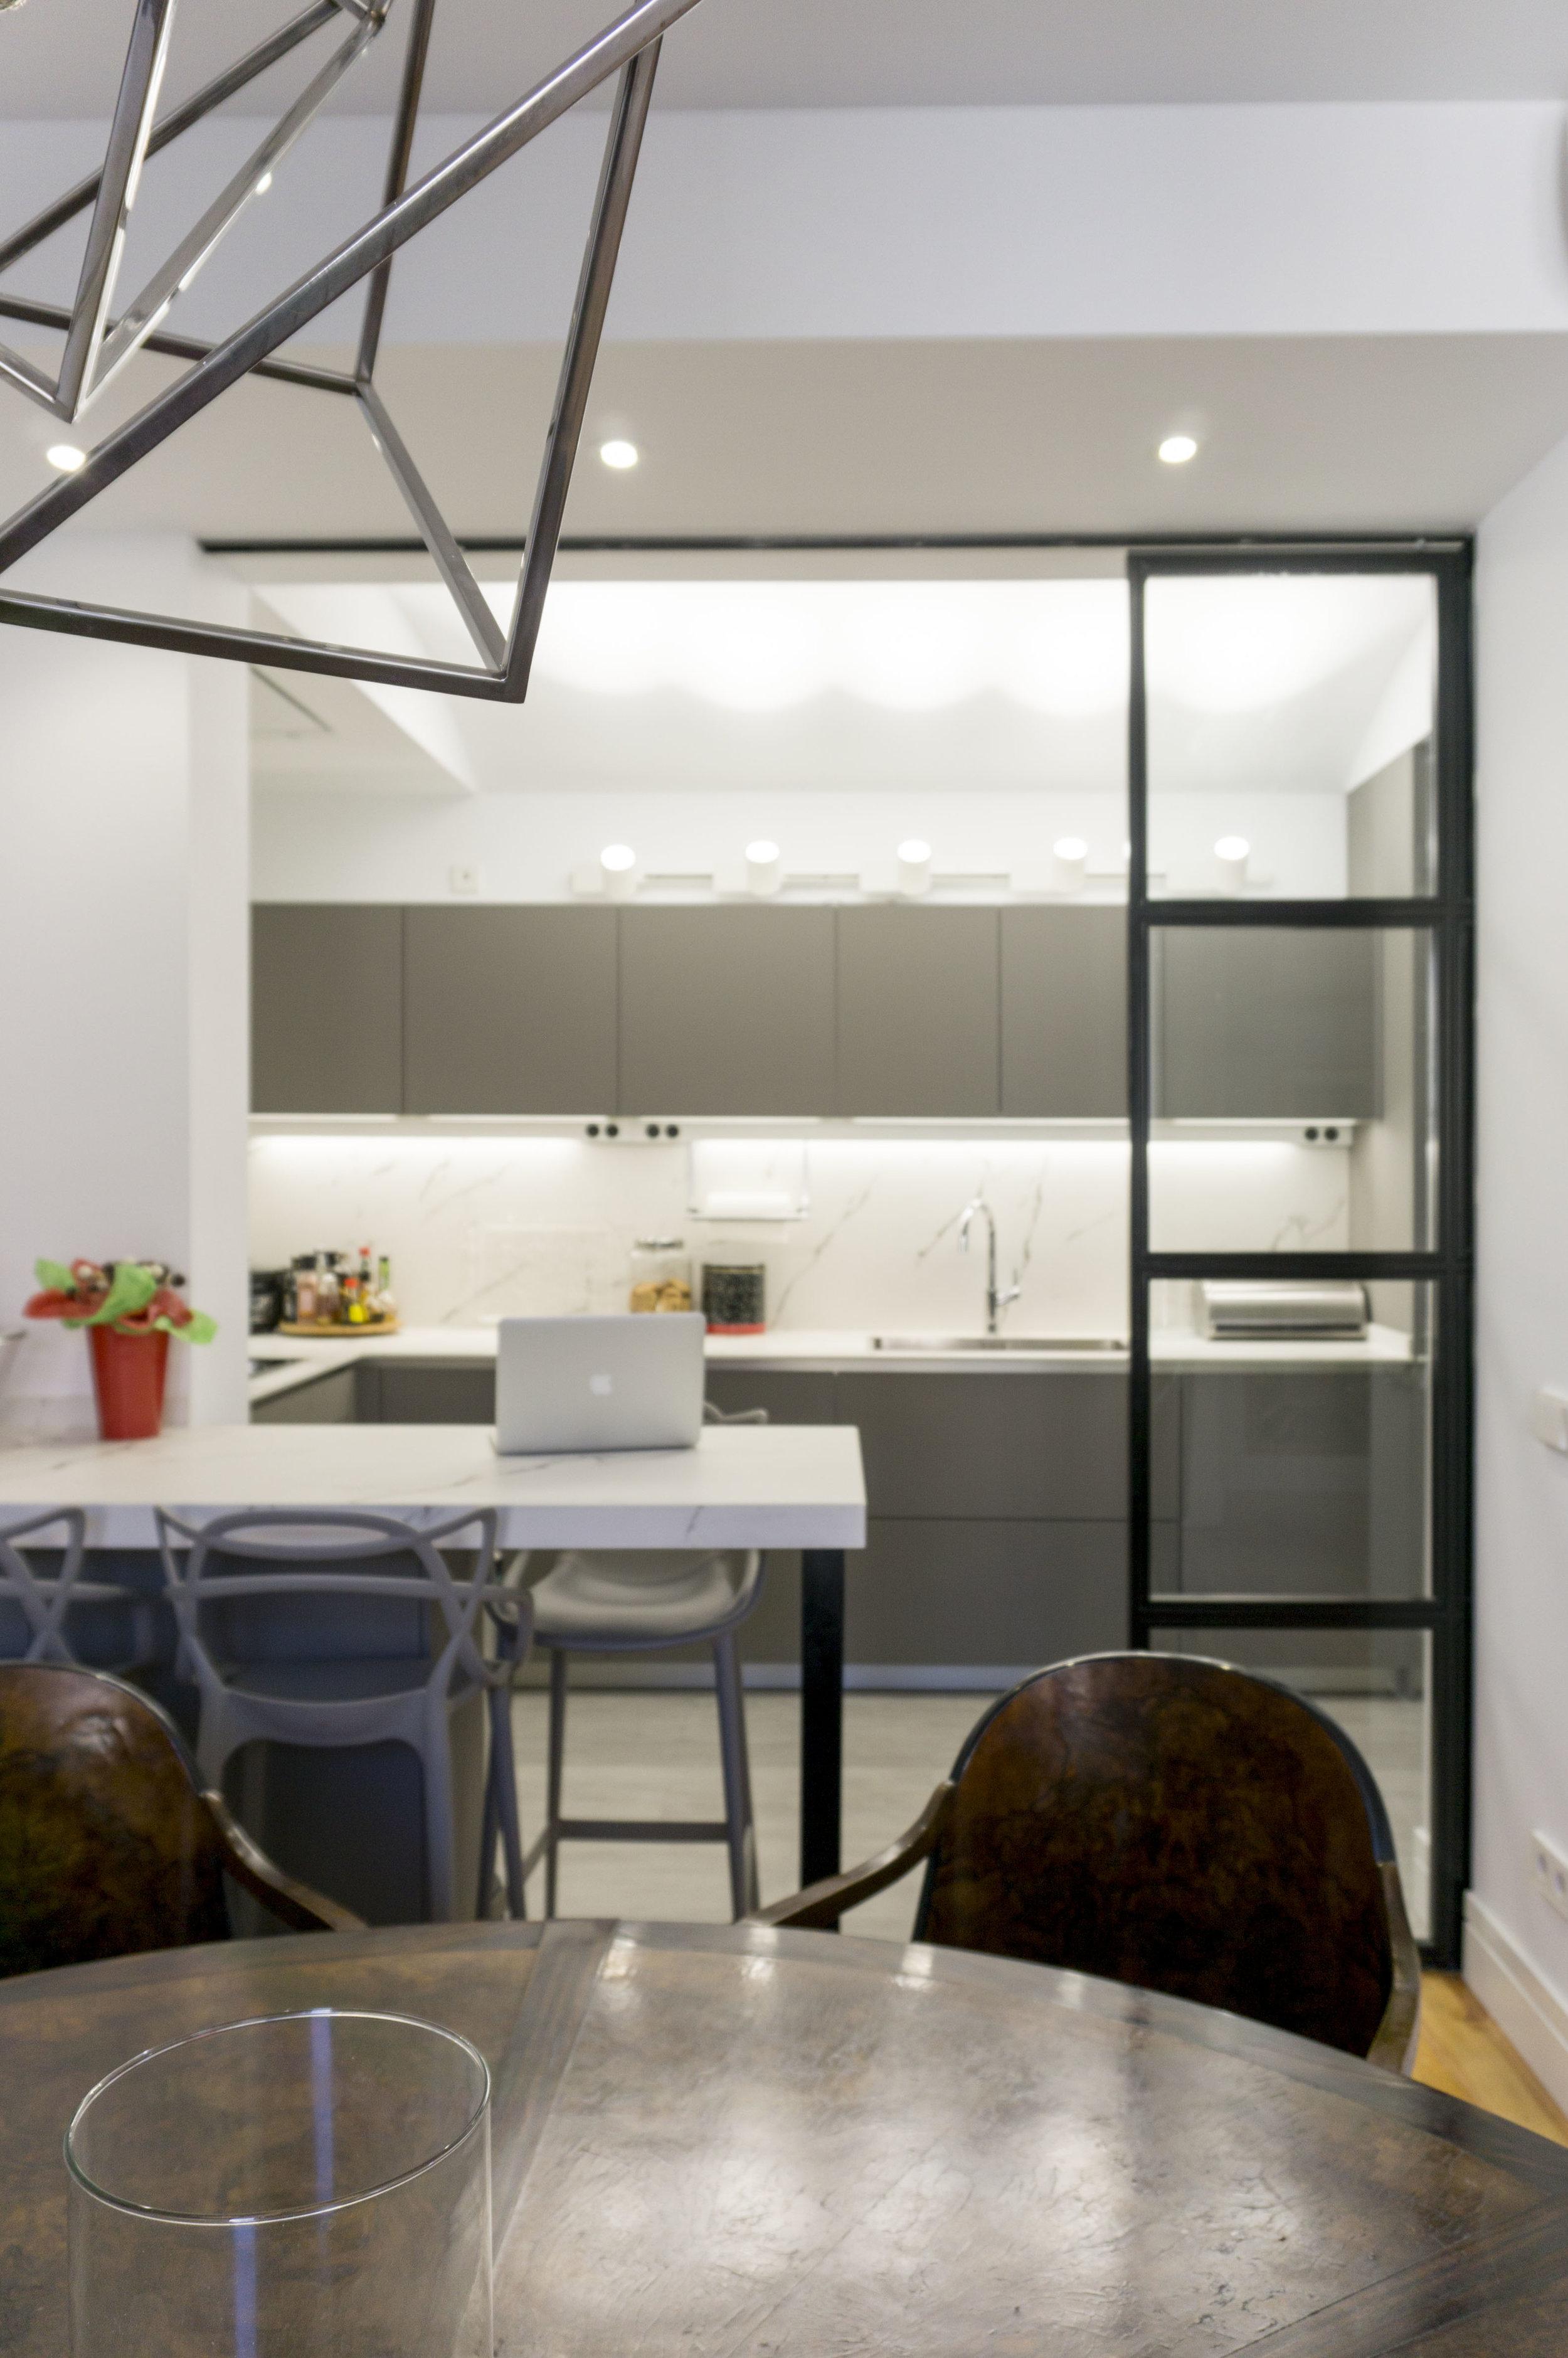 diseño reformas slow emmme studio 04 comedor cocina 2 vivienda Ayala SM.jpg